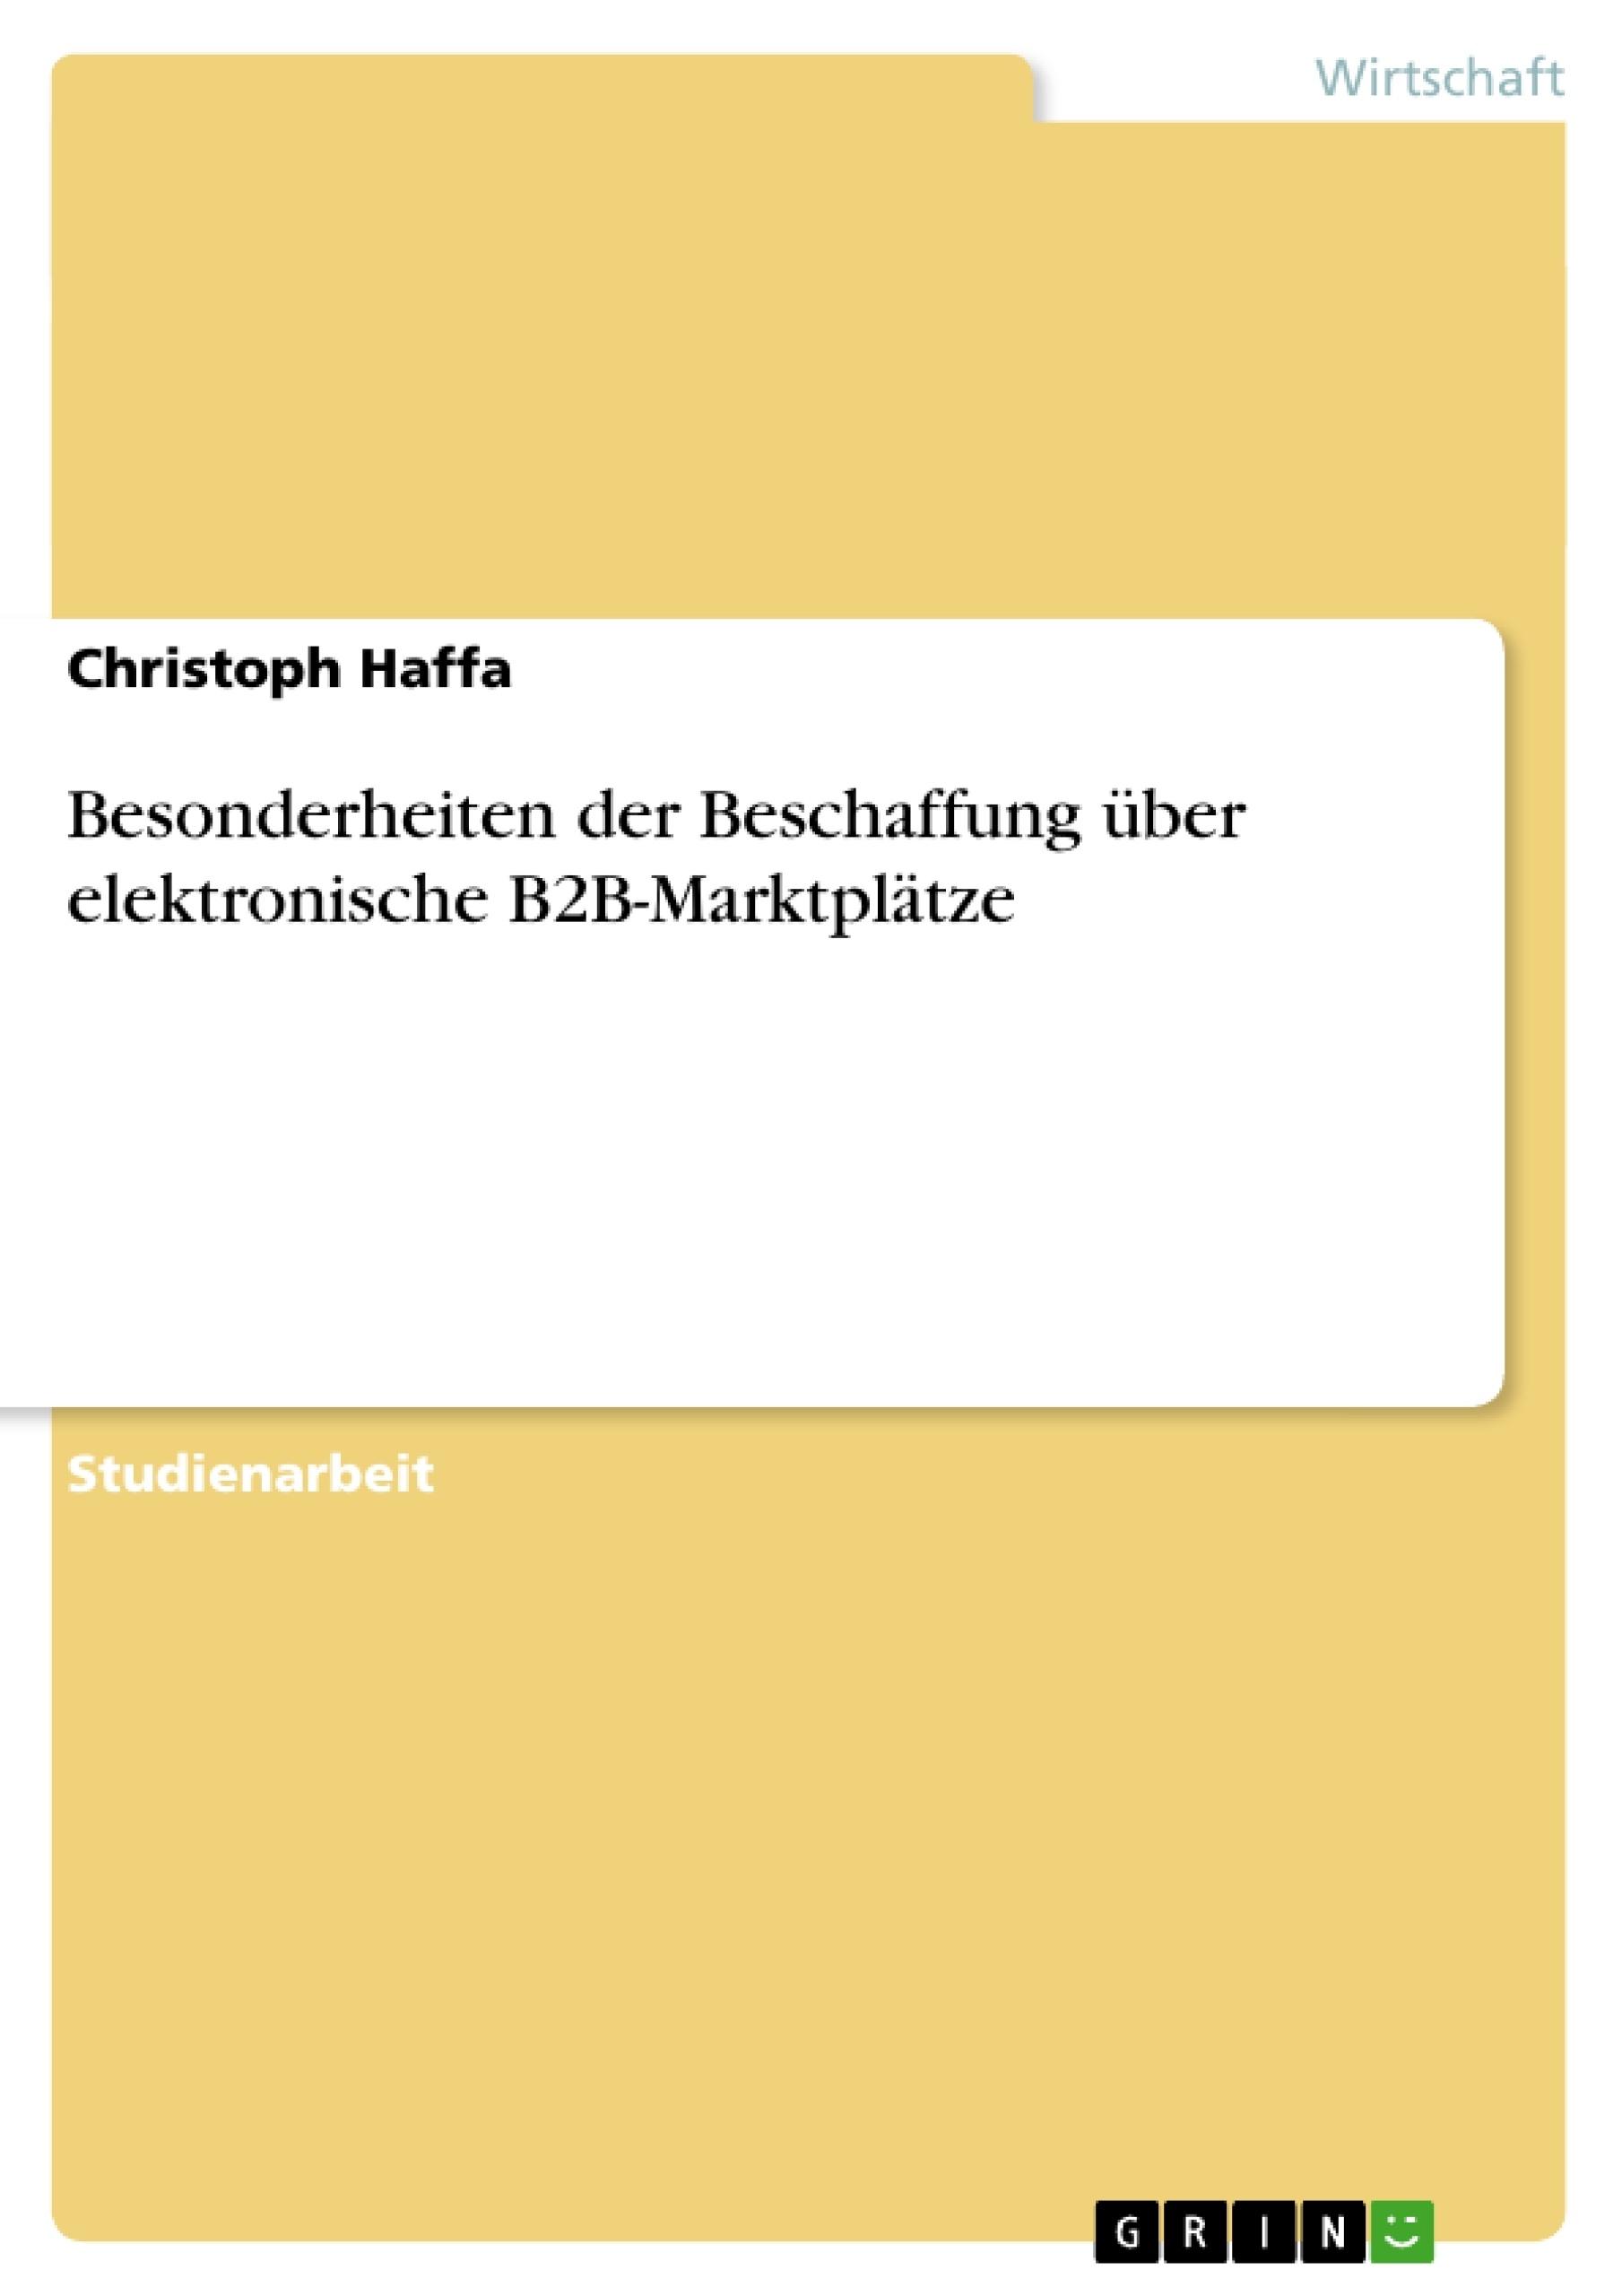 Titel: Besonderheiten der Beschaffung über elektronische B2B-Marktplätze